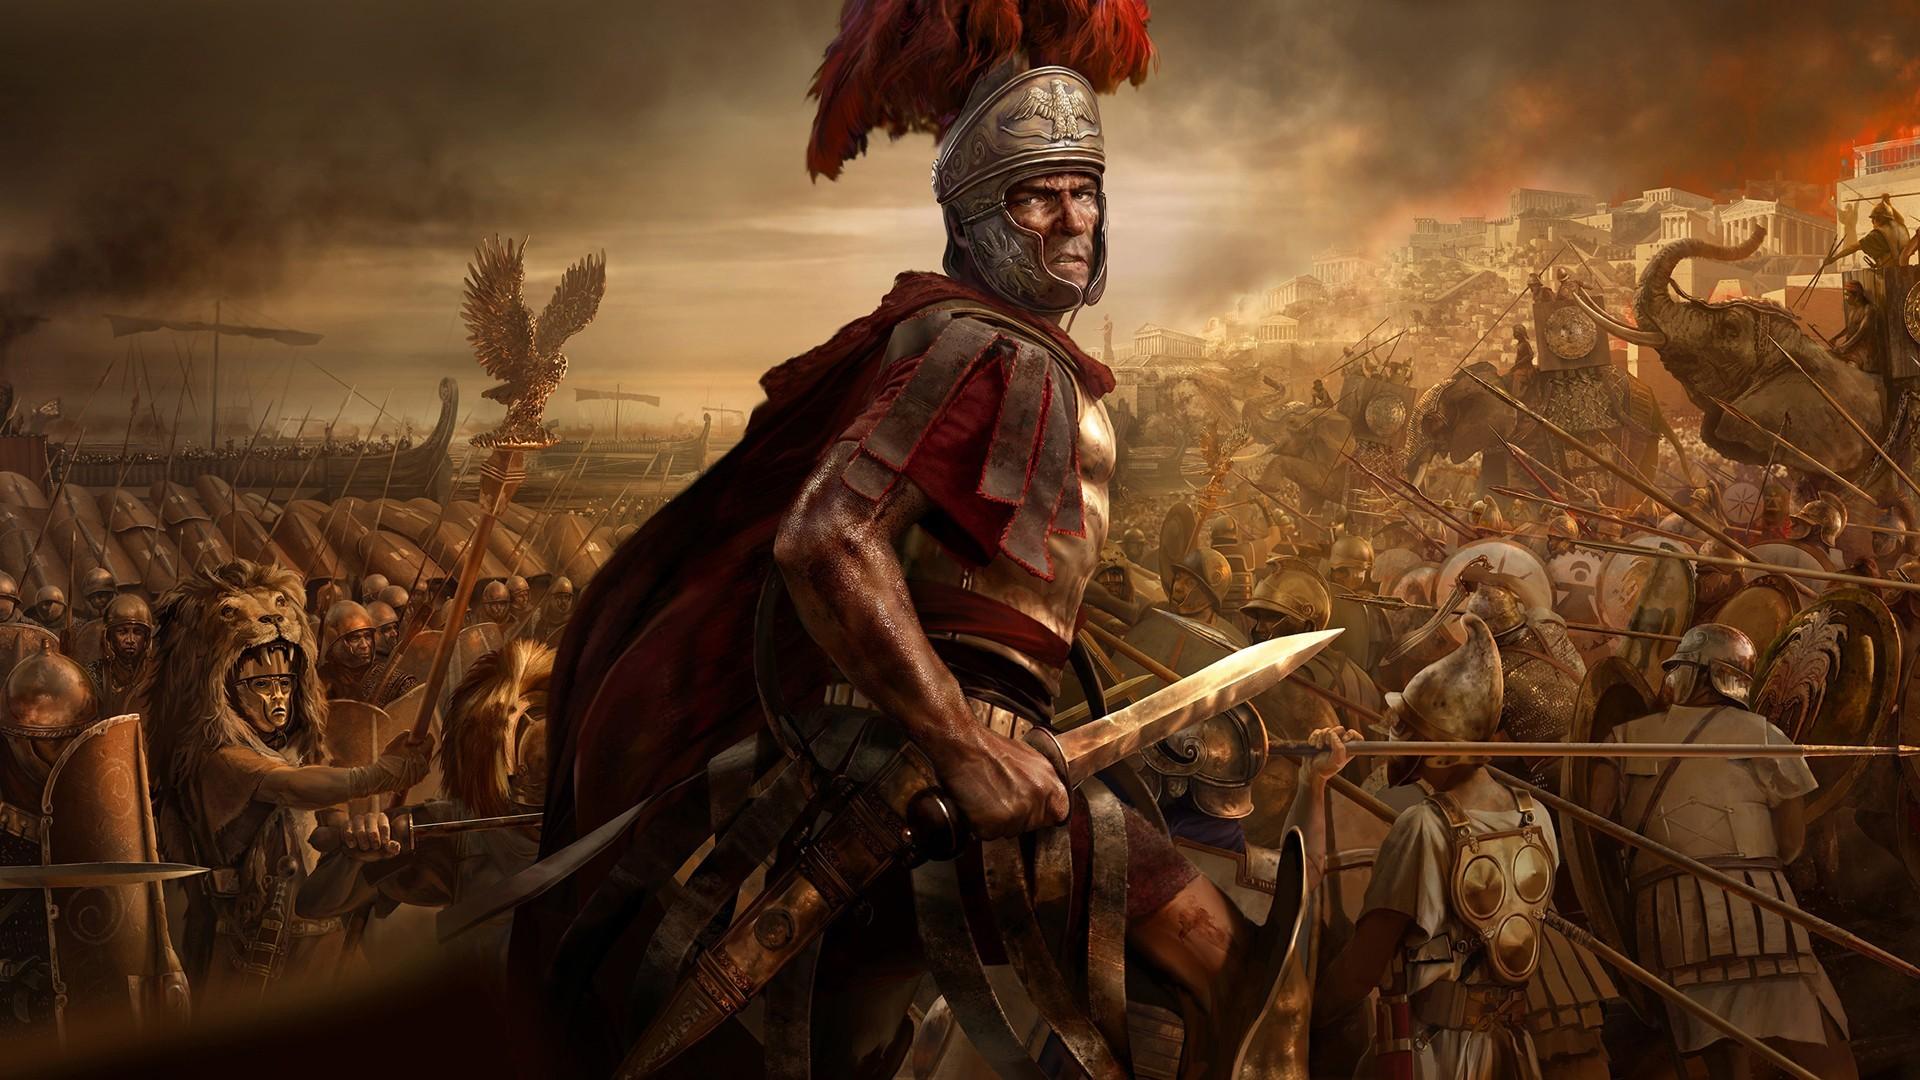 Best 49 Romans Wallpaper on HipWallpaper Romans 1 16 Wallpaper 1920x1080